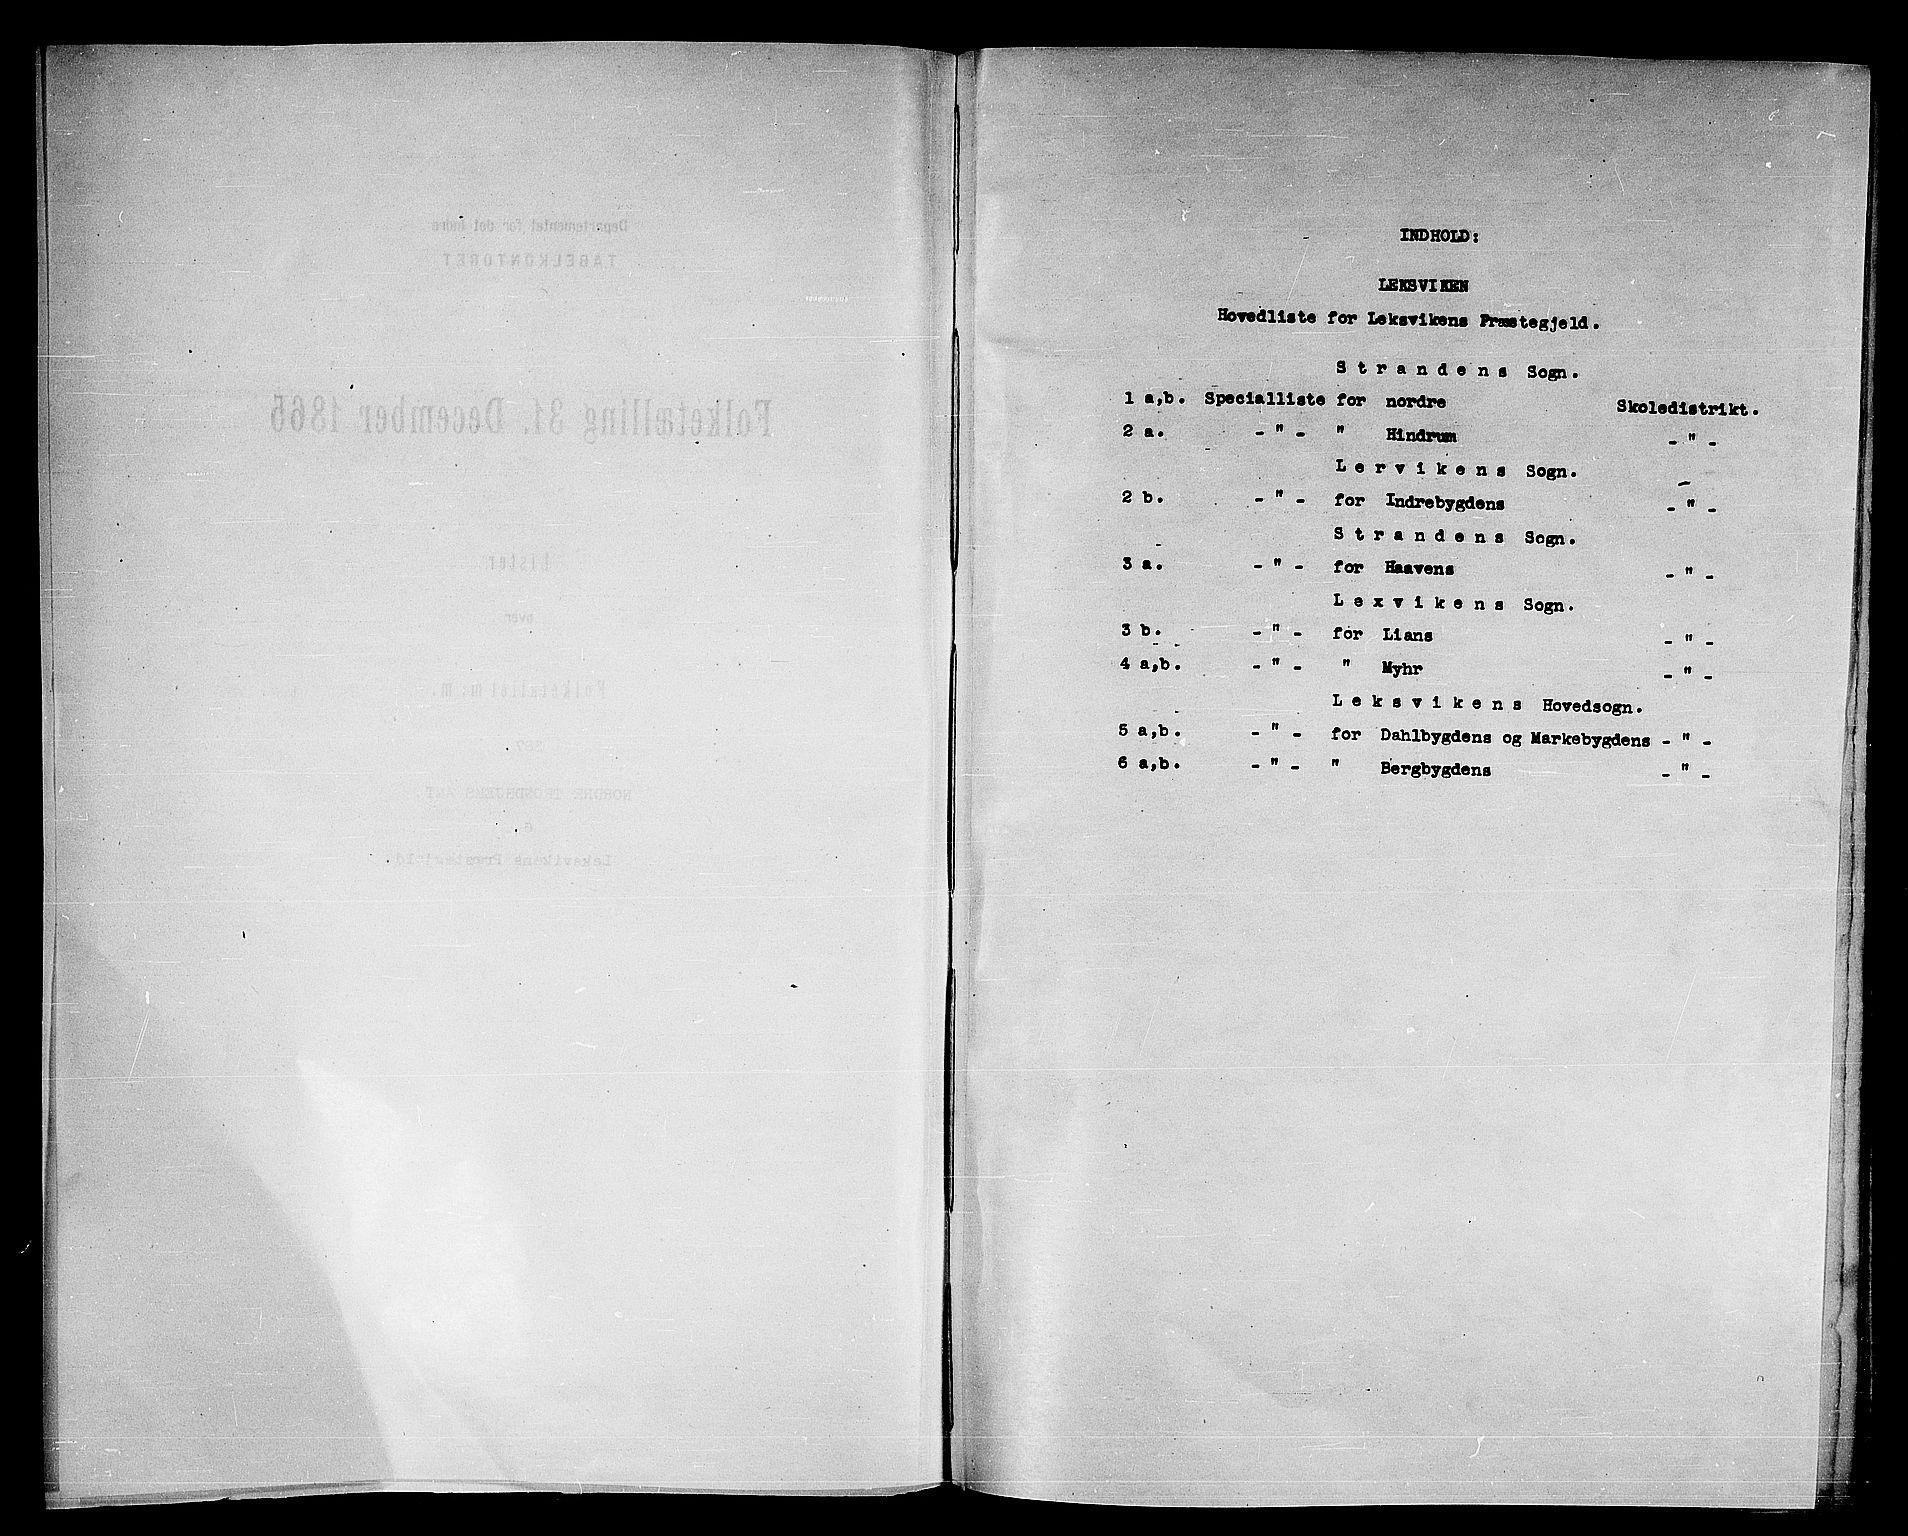 RA, Folketelling 1865 for 1718P Leksvik prestegjeld, 1865, s. 4